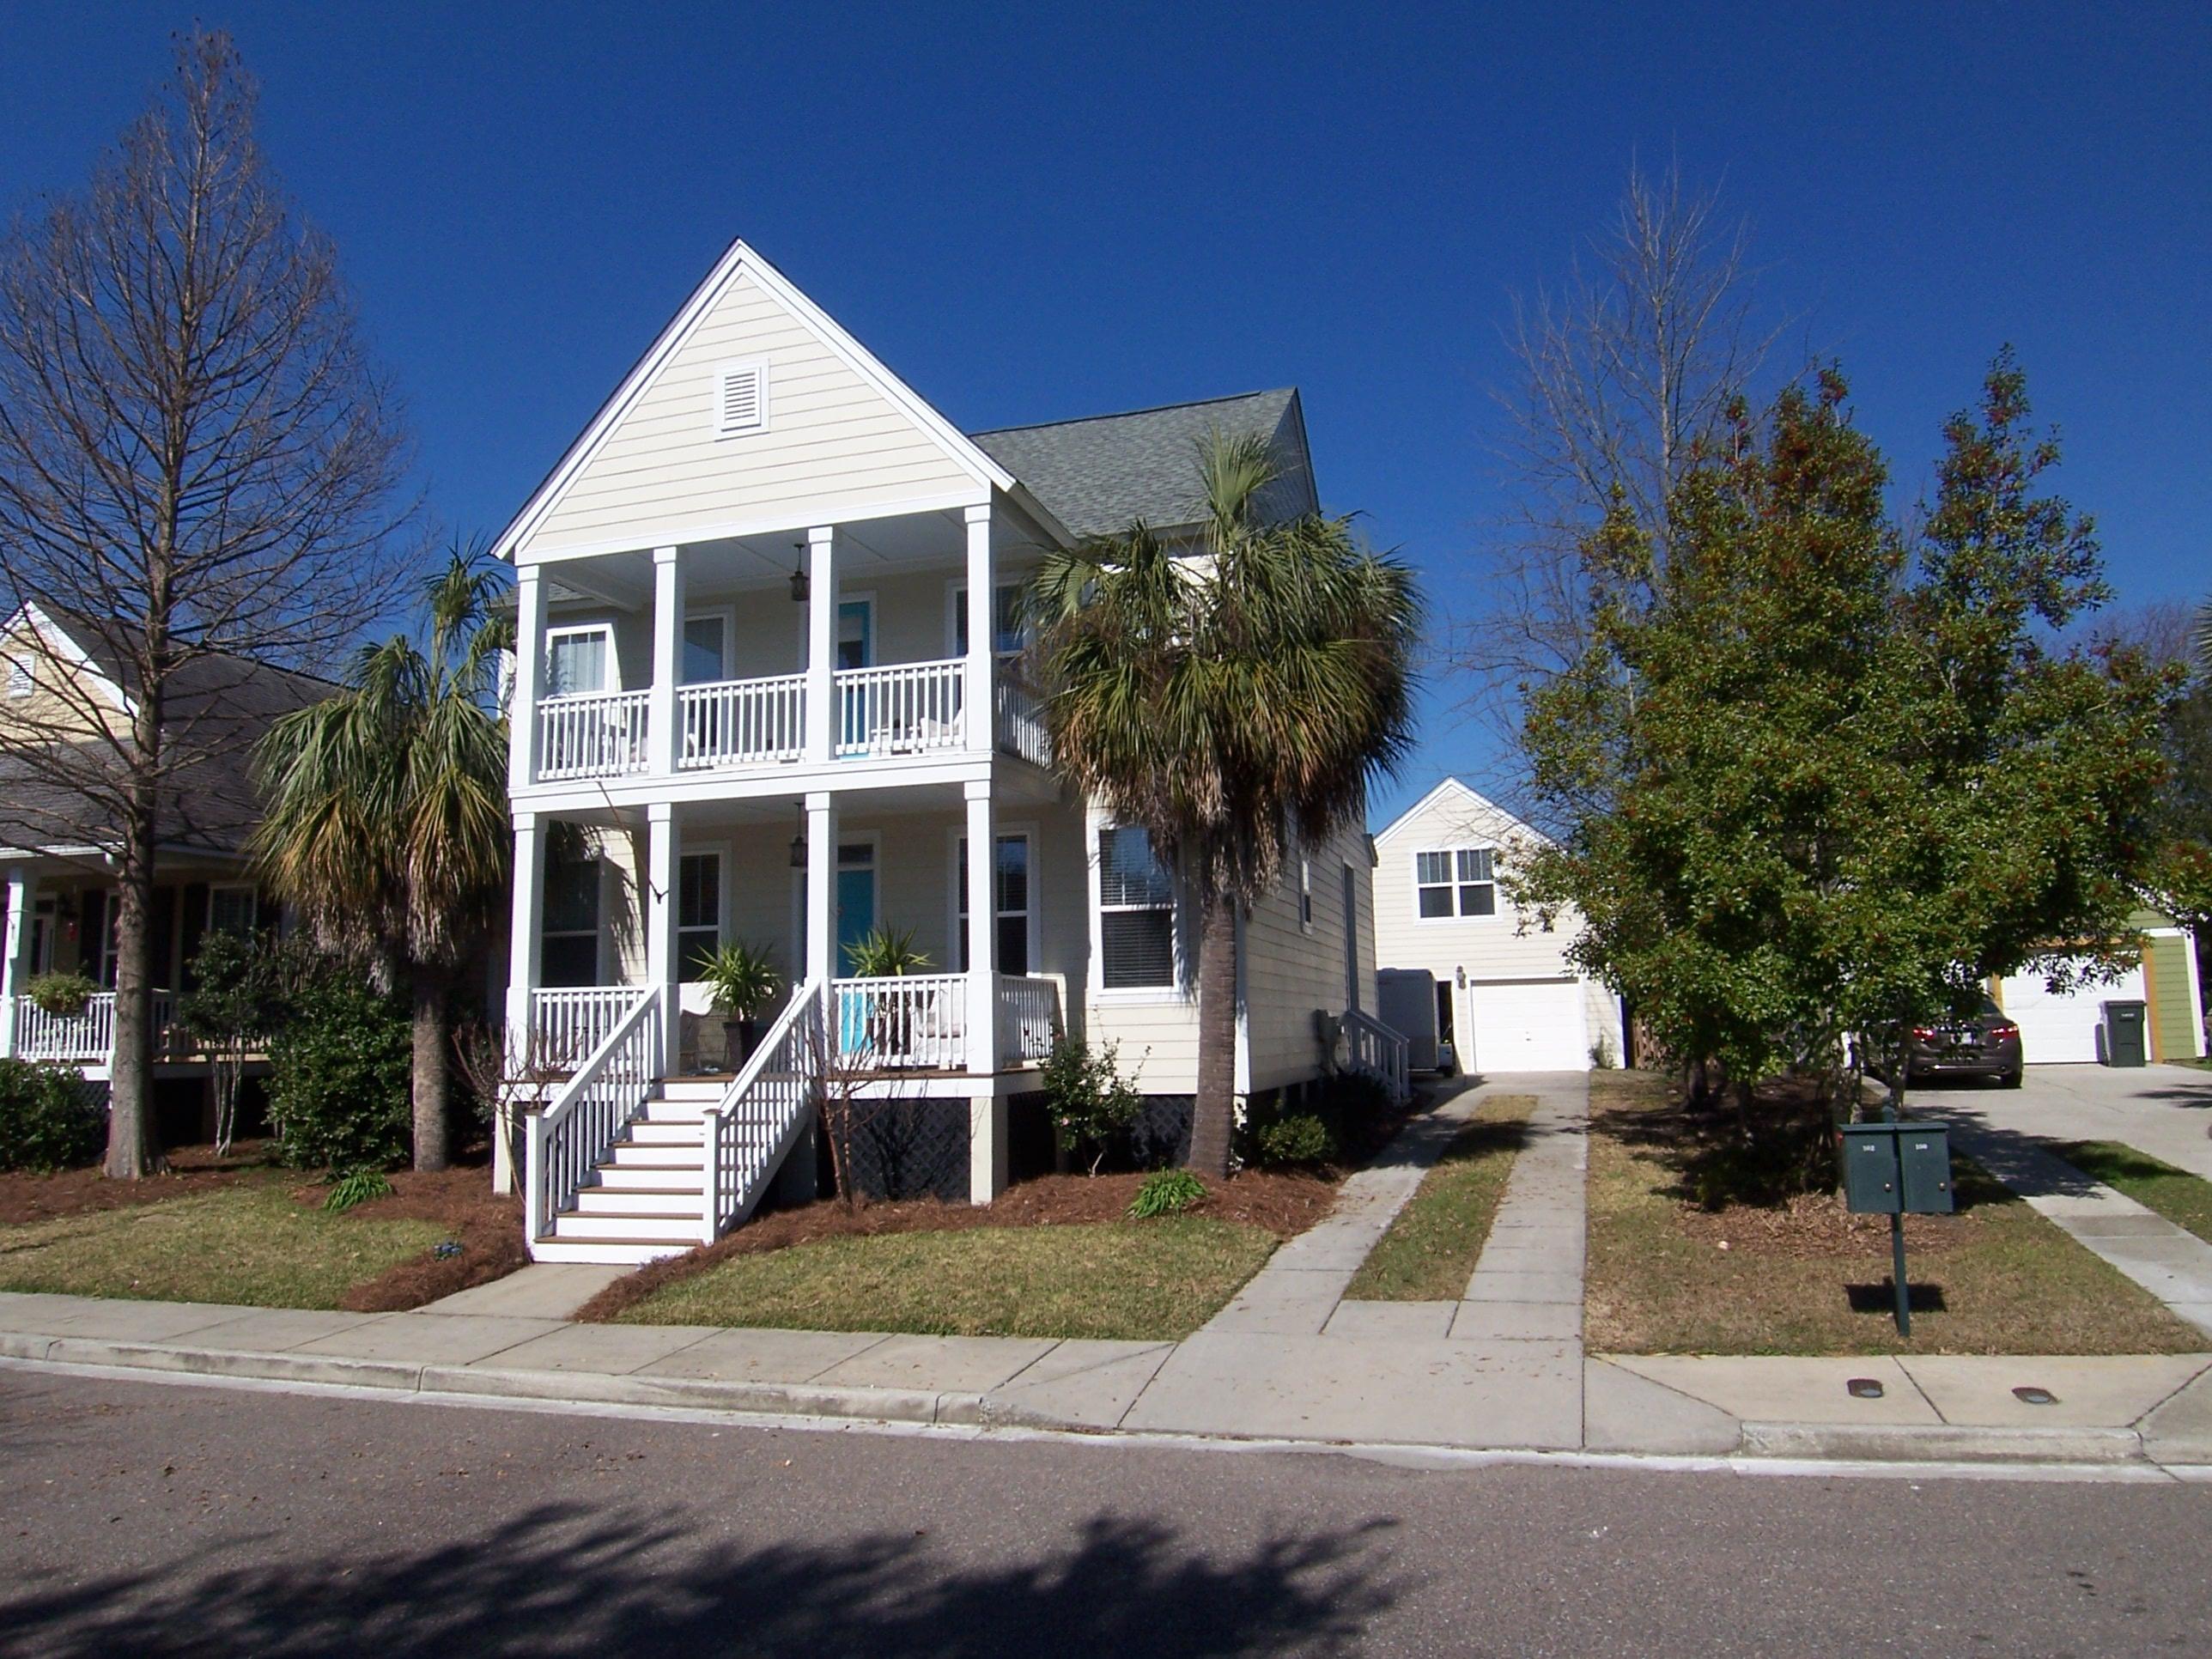 Etiwan Park Homes For Sale - 102 Jordan, Charleston, SC - 0